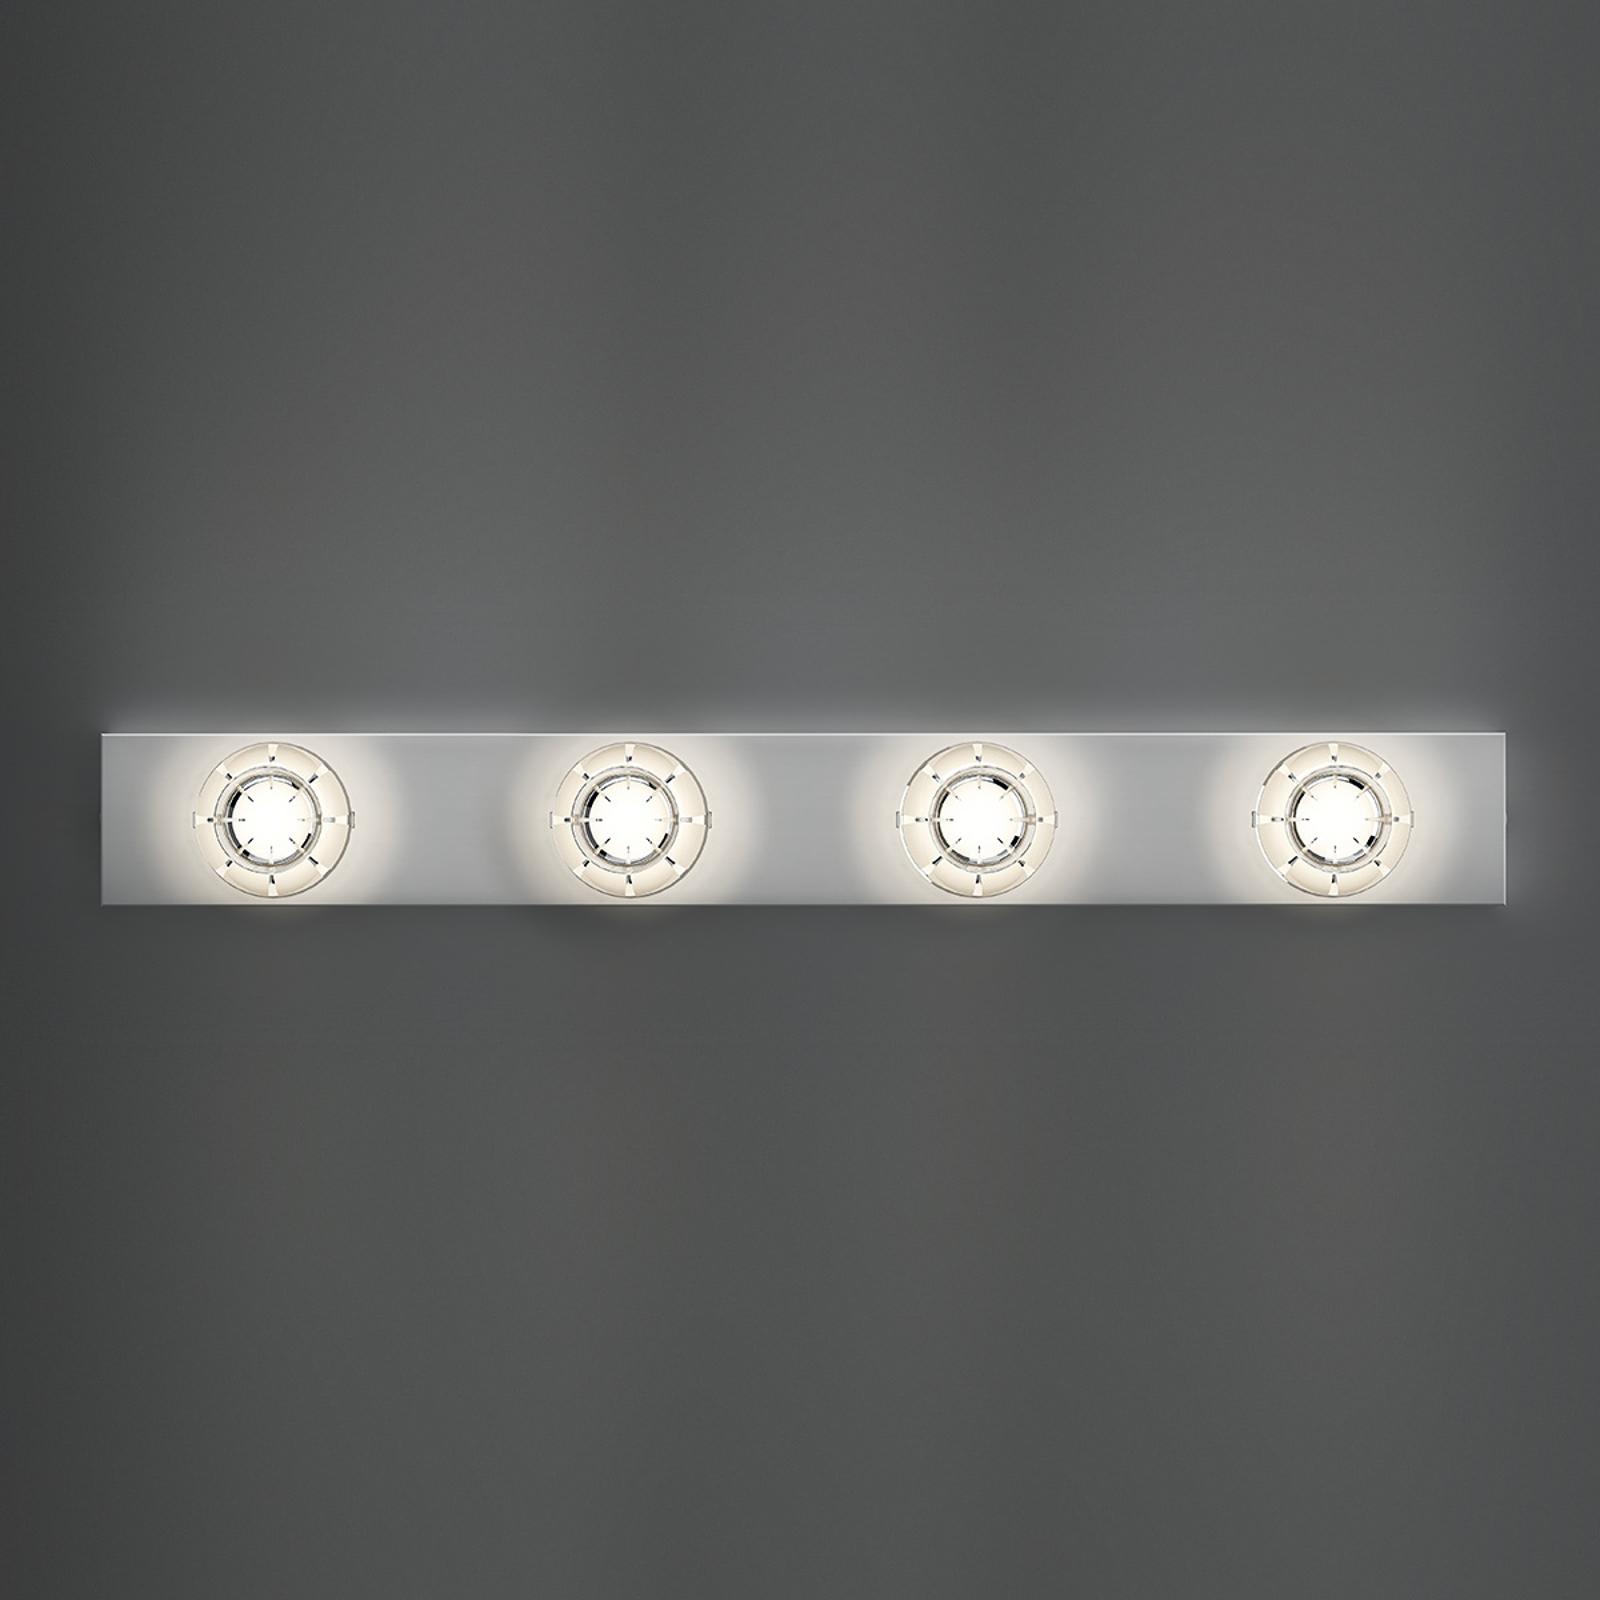 Kaunis LED-seinävalaisin Puns, kromi, 4 lamppua